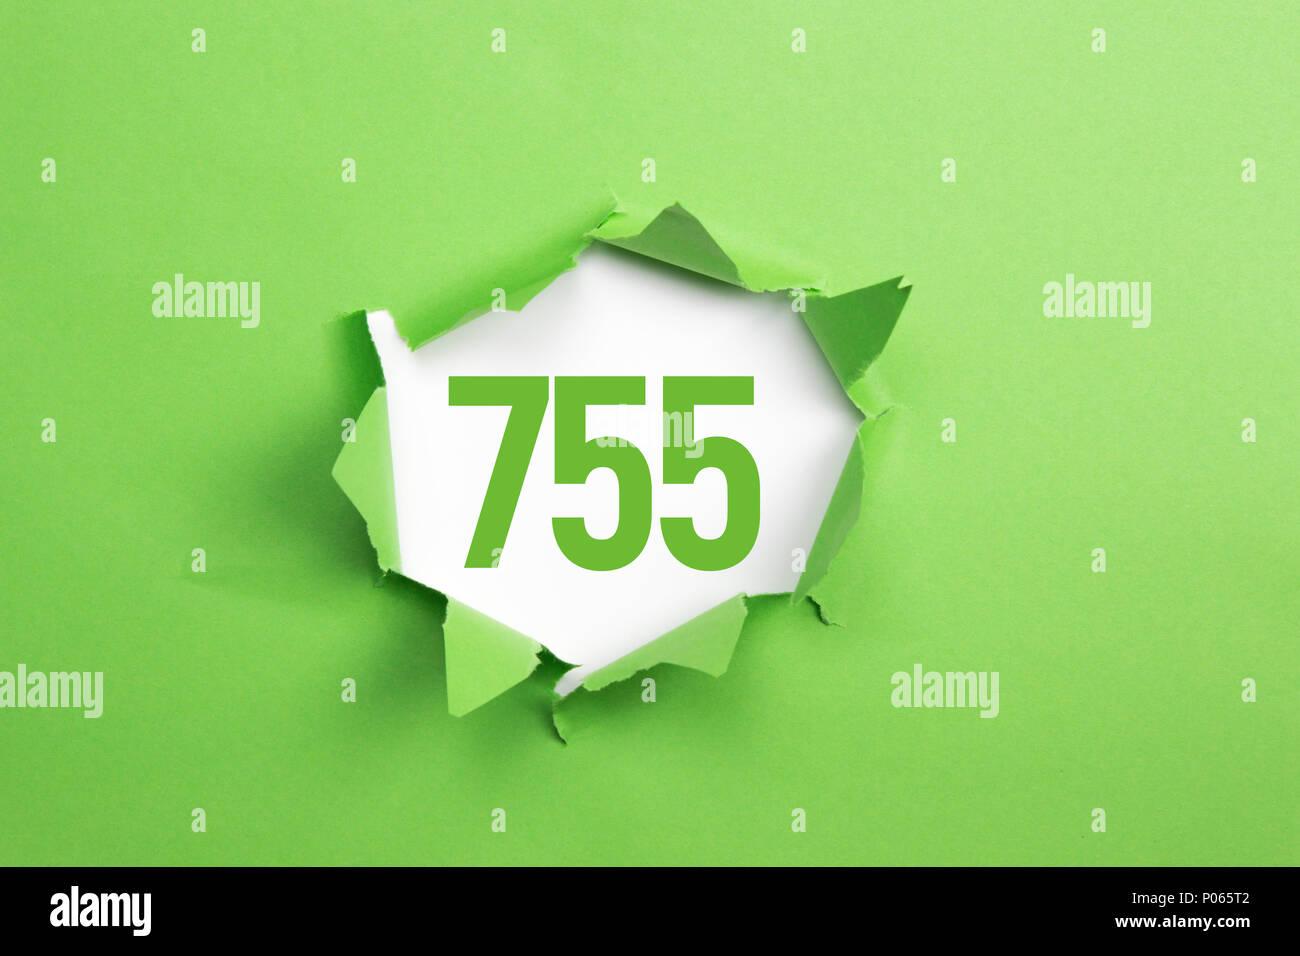 Mature no 755